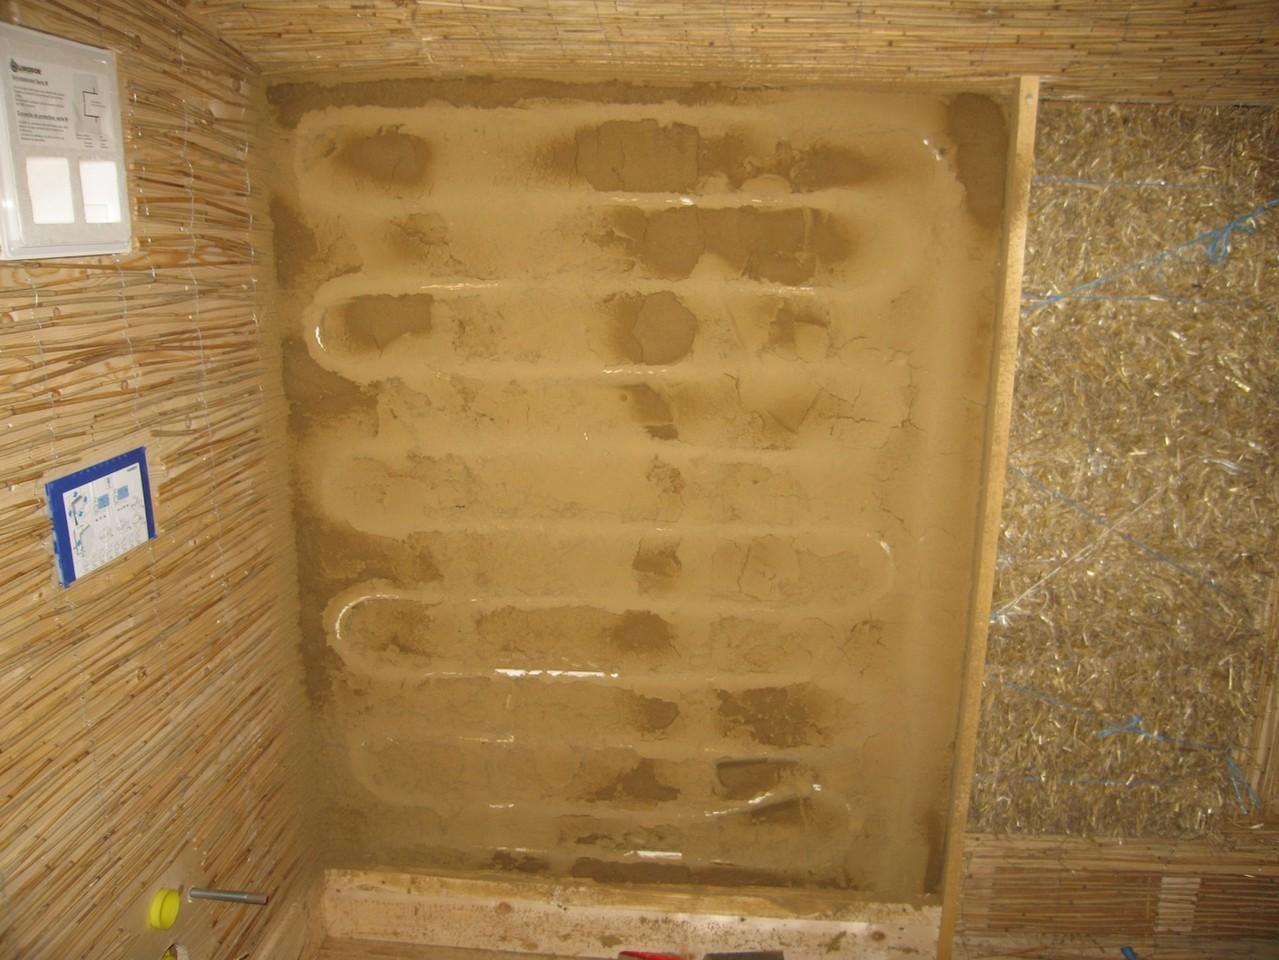 gesundes bauen mit lehm holz stroh naturwerk ag. Black Bedroom Furniture Sets. Home Design Ideas